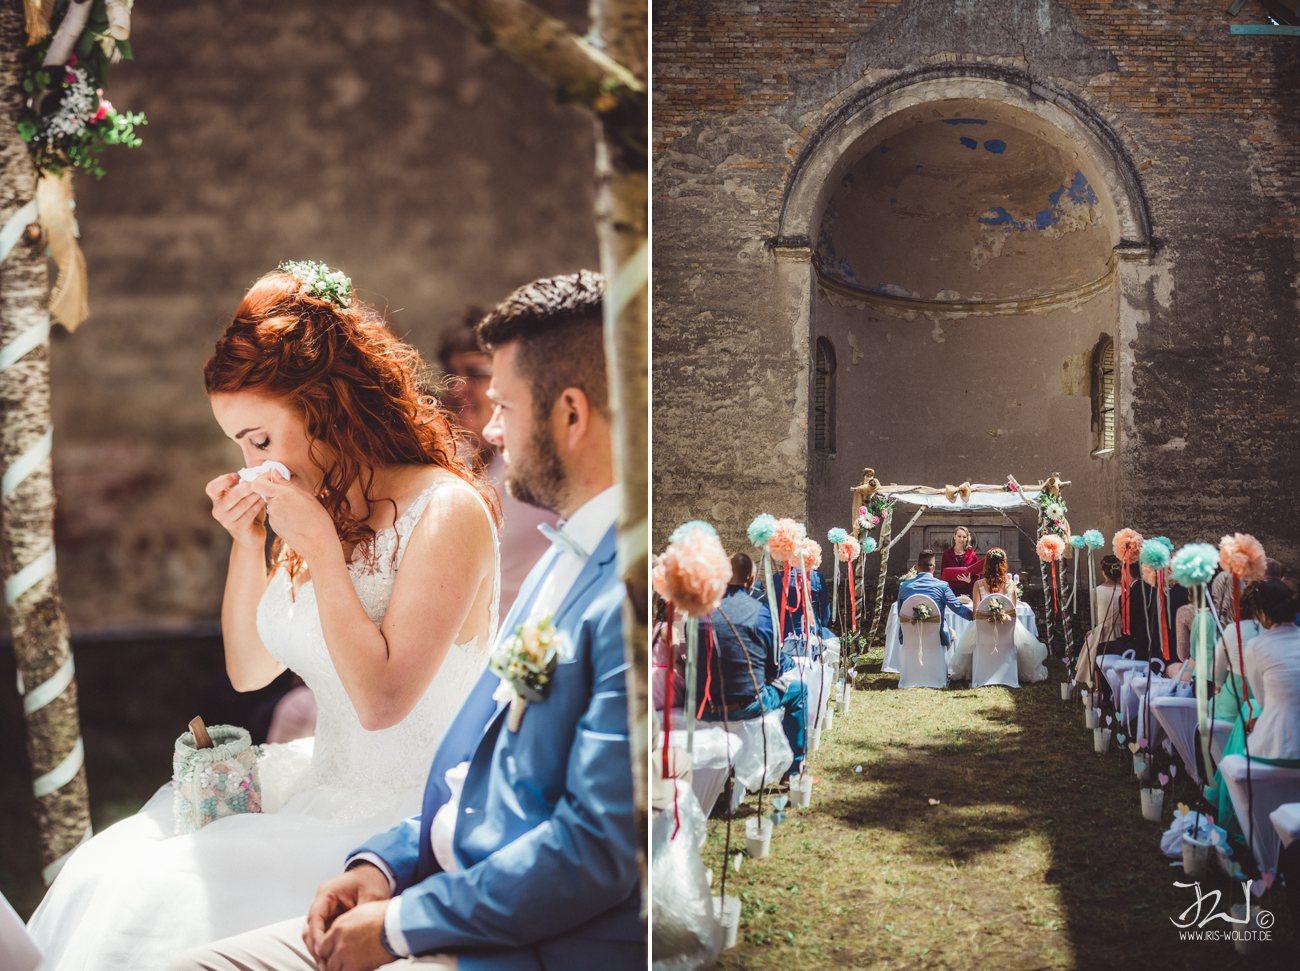 Hochzeitsfotograf_Altthymen_MuehleTornow_IrisWoldt 40